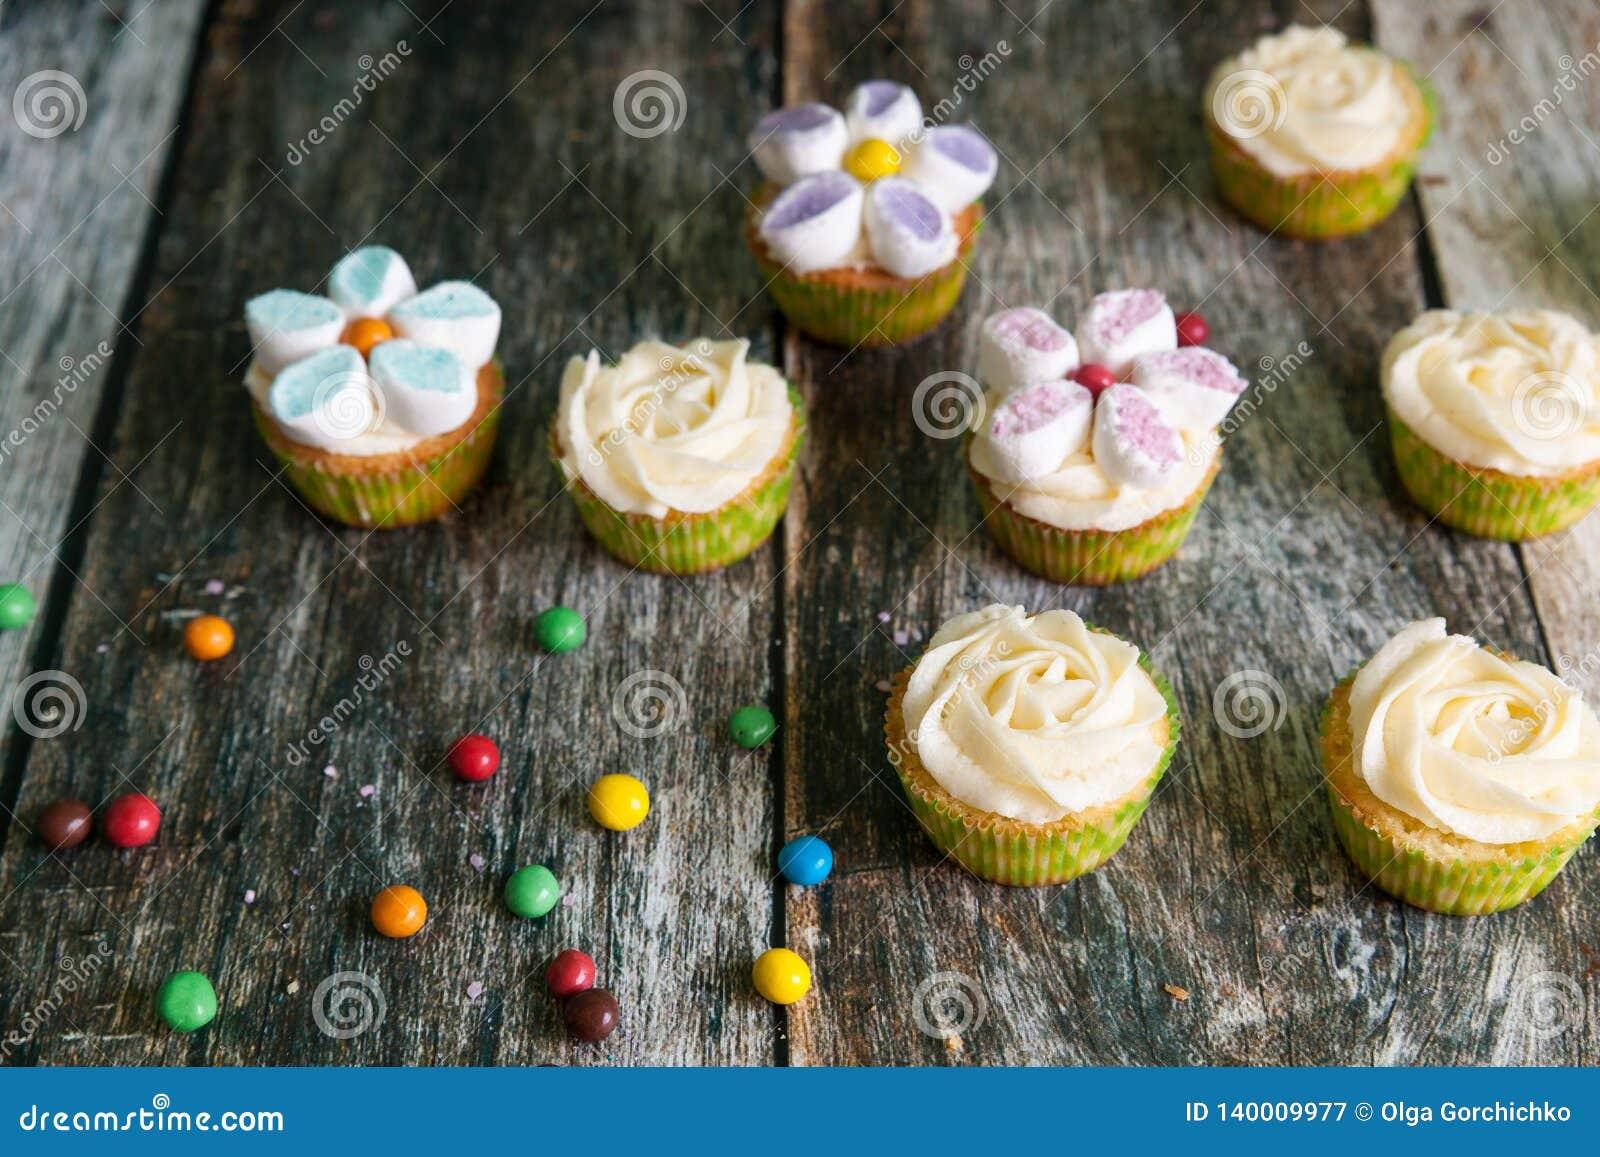 Bigné decorati con i fiori della crema e della caramella gommosa e molle del burro